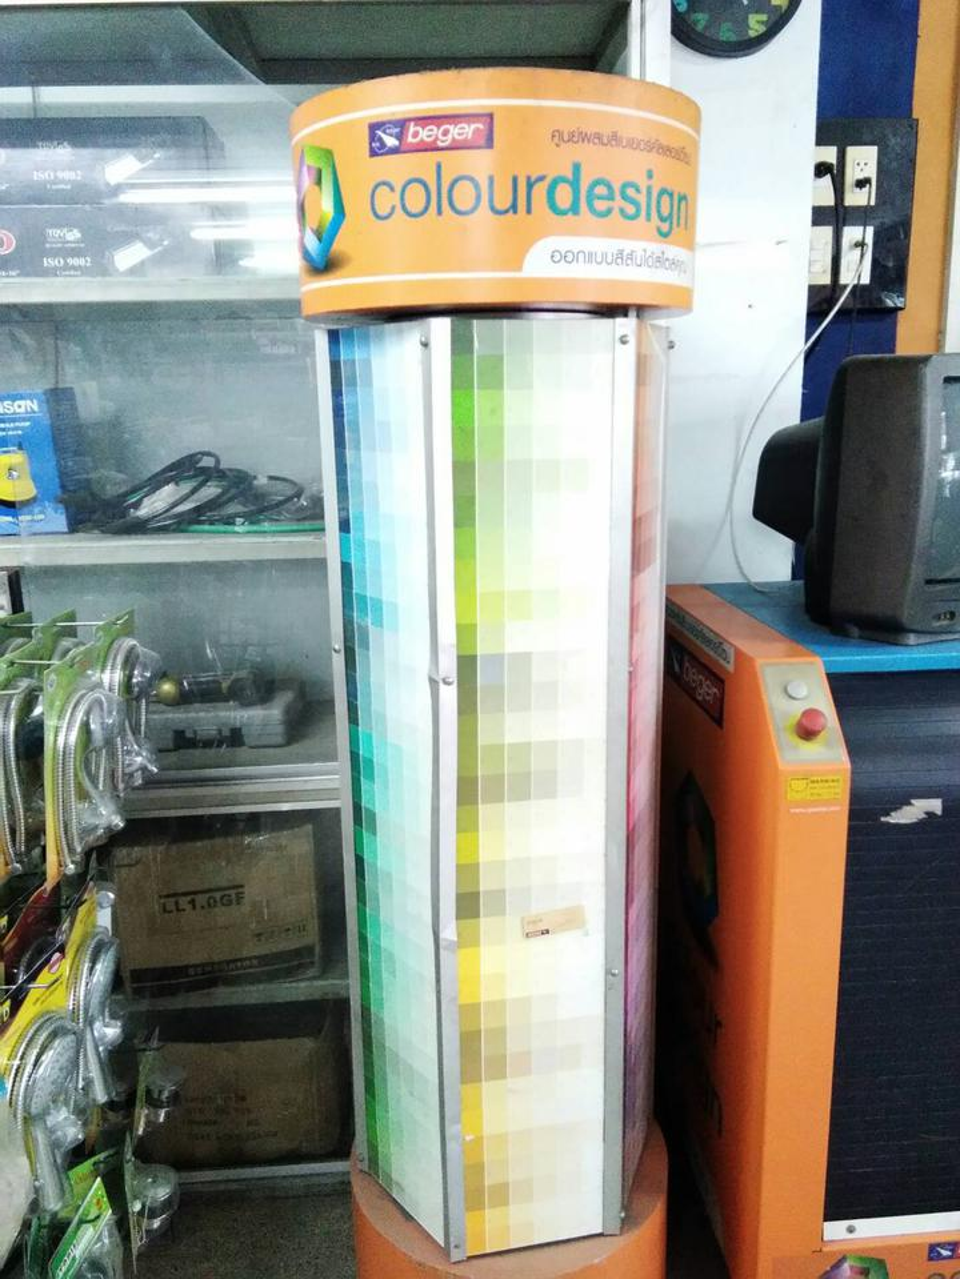 ขายเครื่องผสมสี BeGer colour อ.บางละมุง จ.ชลบุรี รูปที่ 3